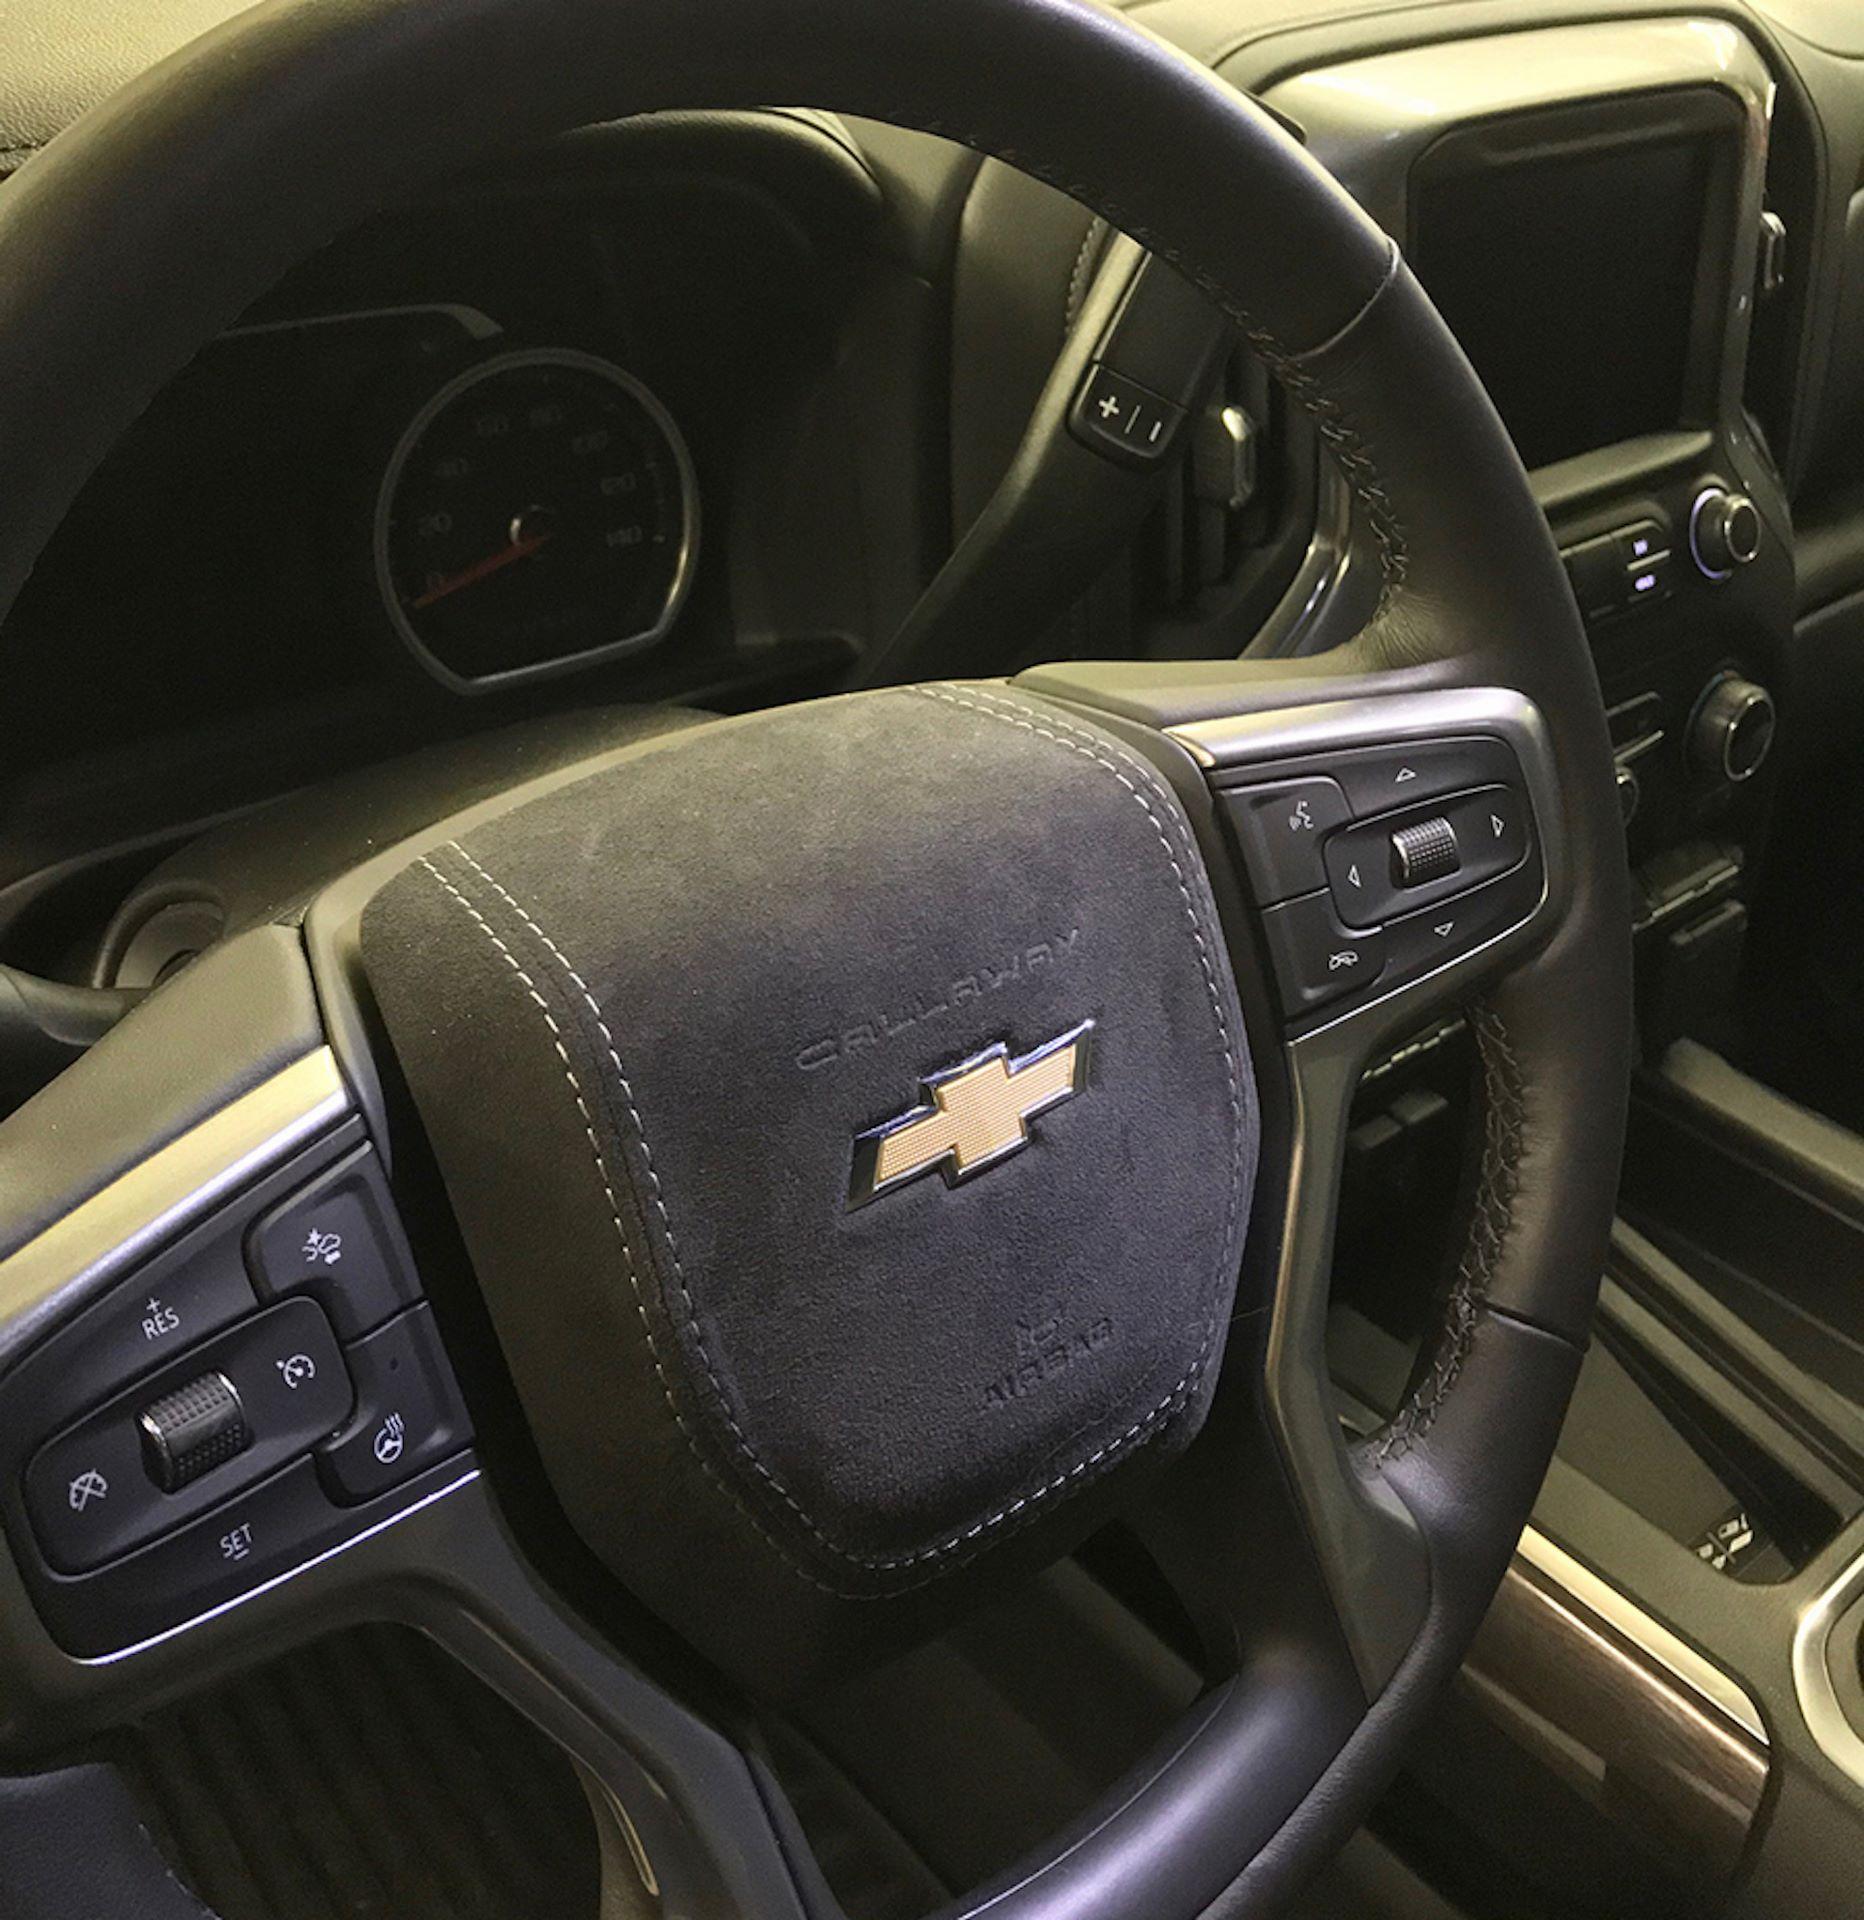 Chevrolet-Silverado-Signature-Edition-by-Callaway-4